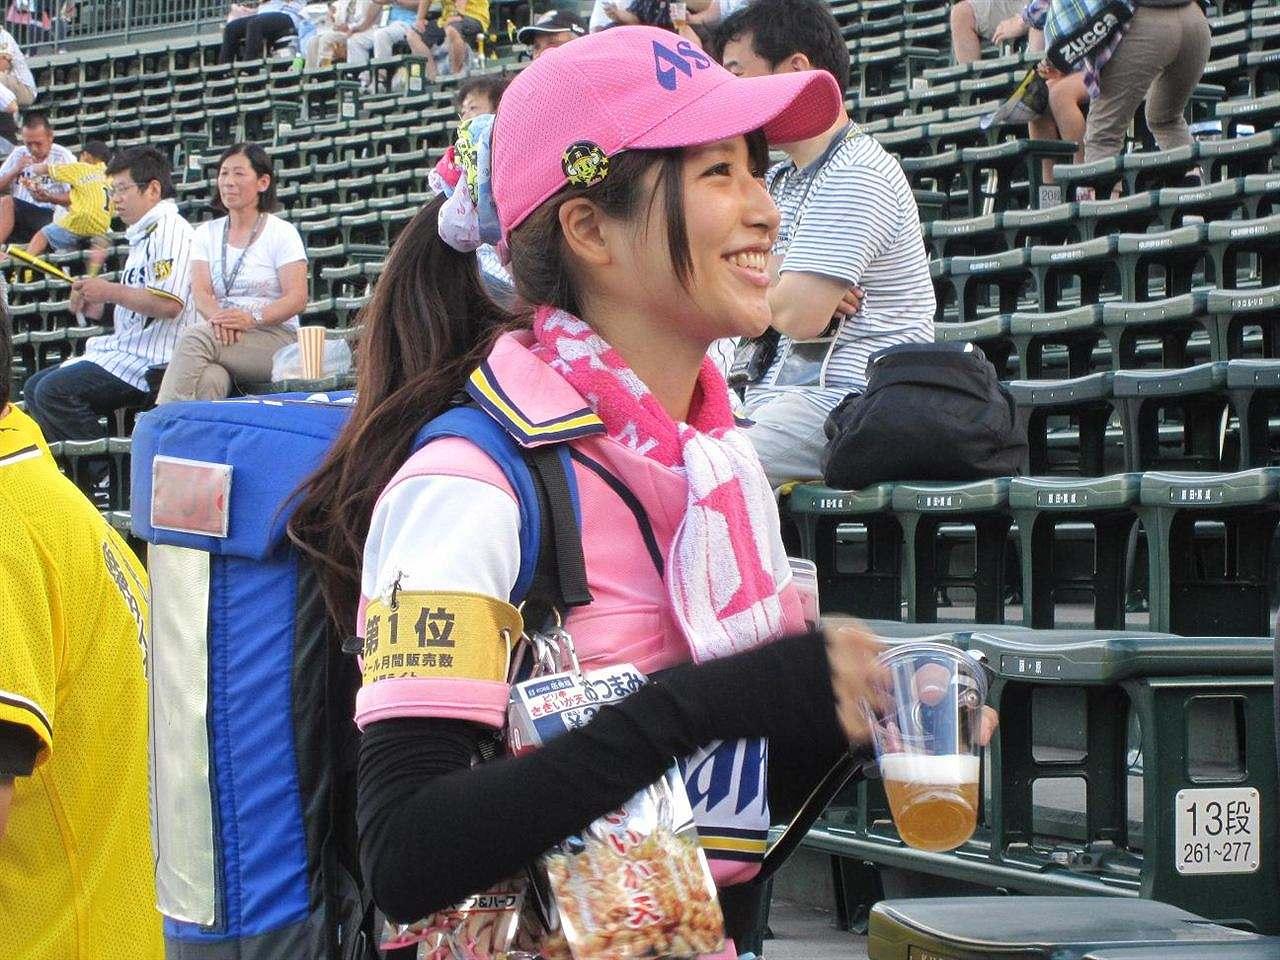 満面の笑顔でビールを売ってる野球場の女子可愛いよなwwwwww 37枚